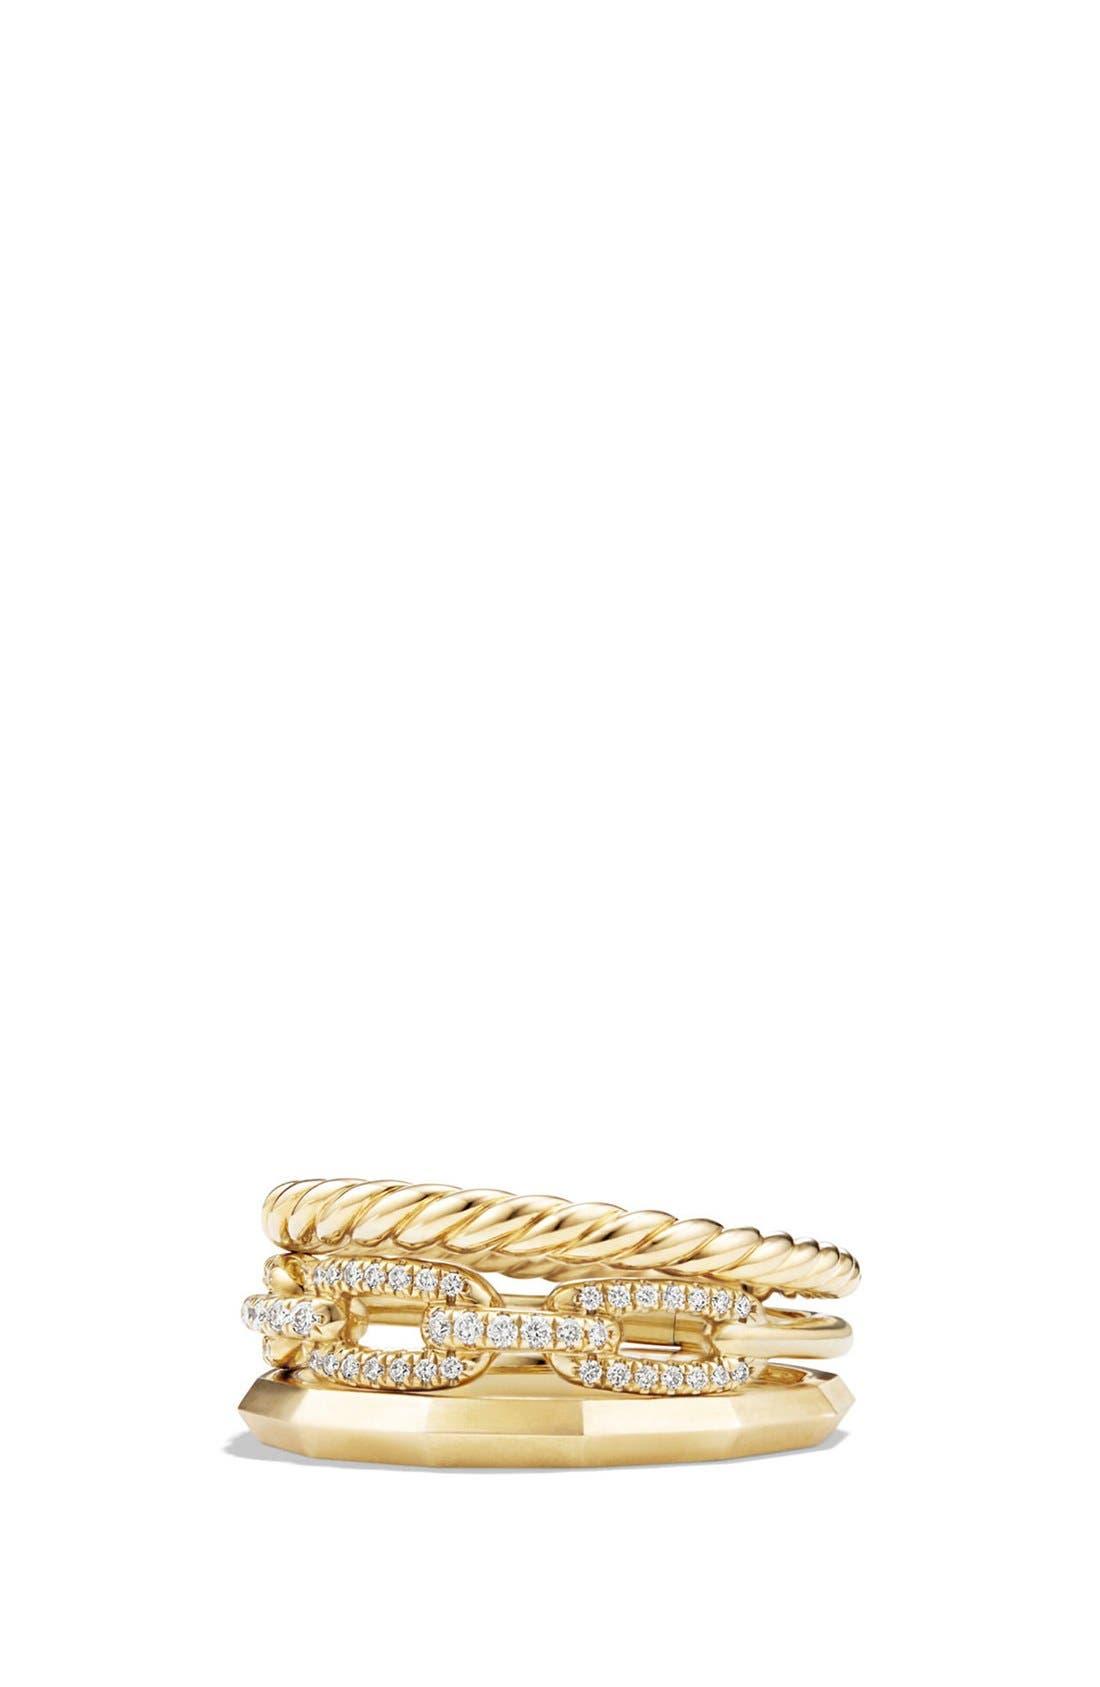 'Stax' Narrow Diamond Ring,                             Main thumbnail 1, color,                             YELLOW GOLD